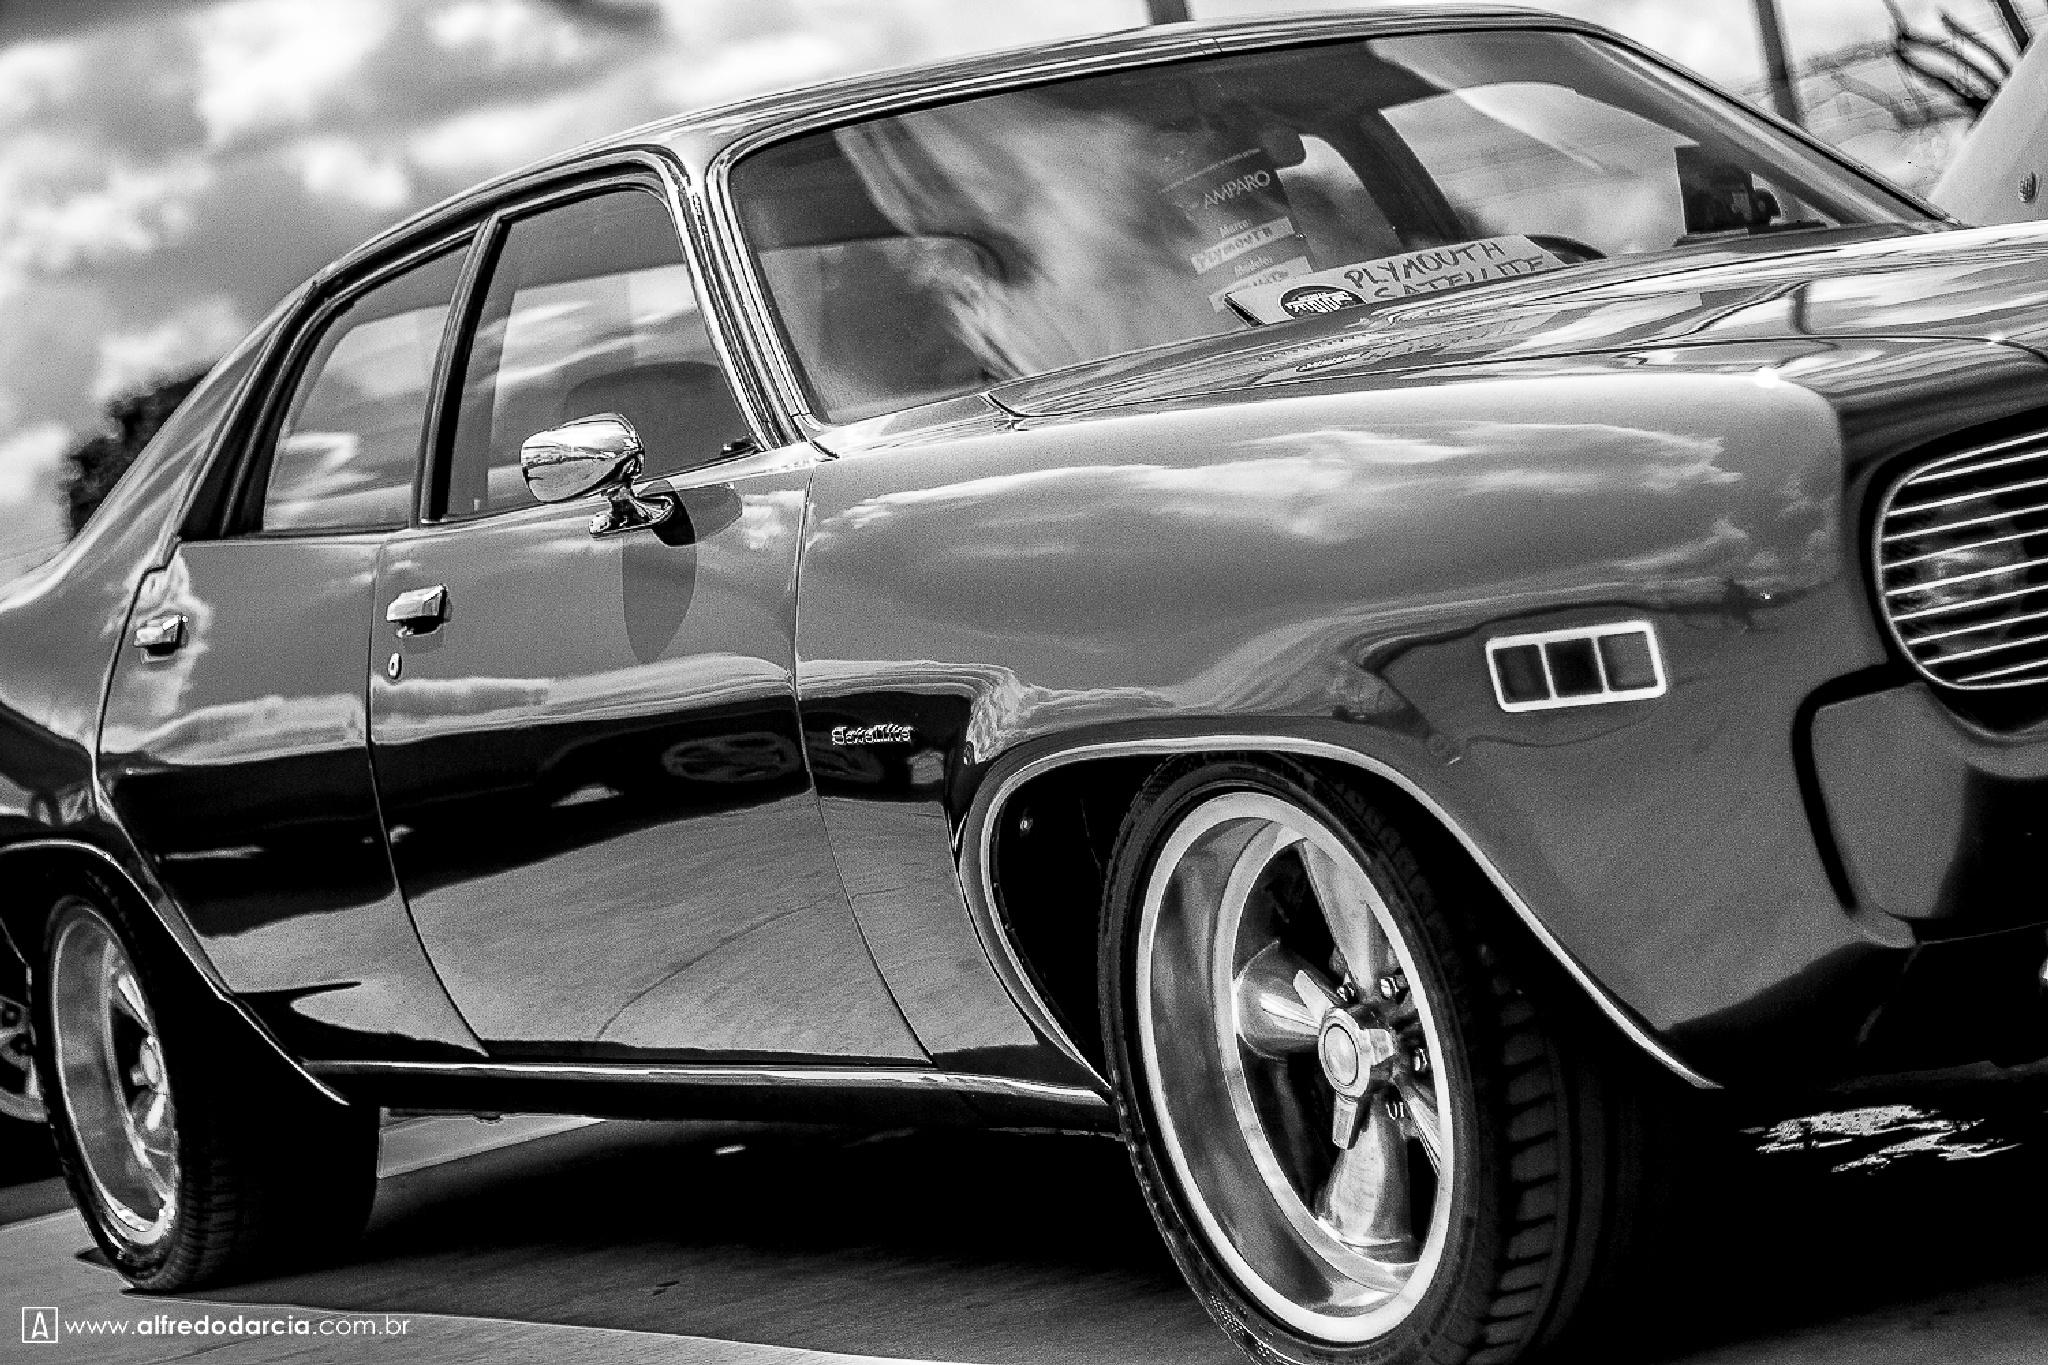 Car by Alfredo Darcia